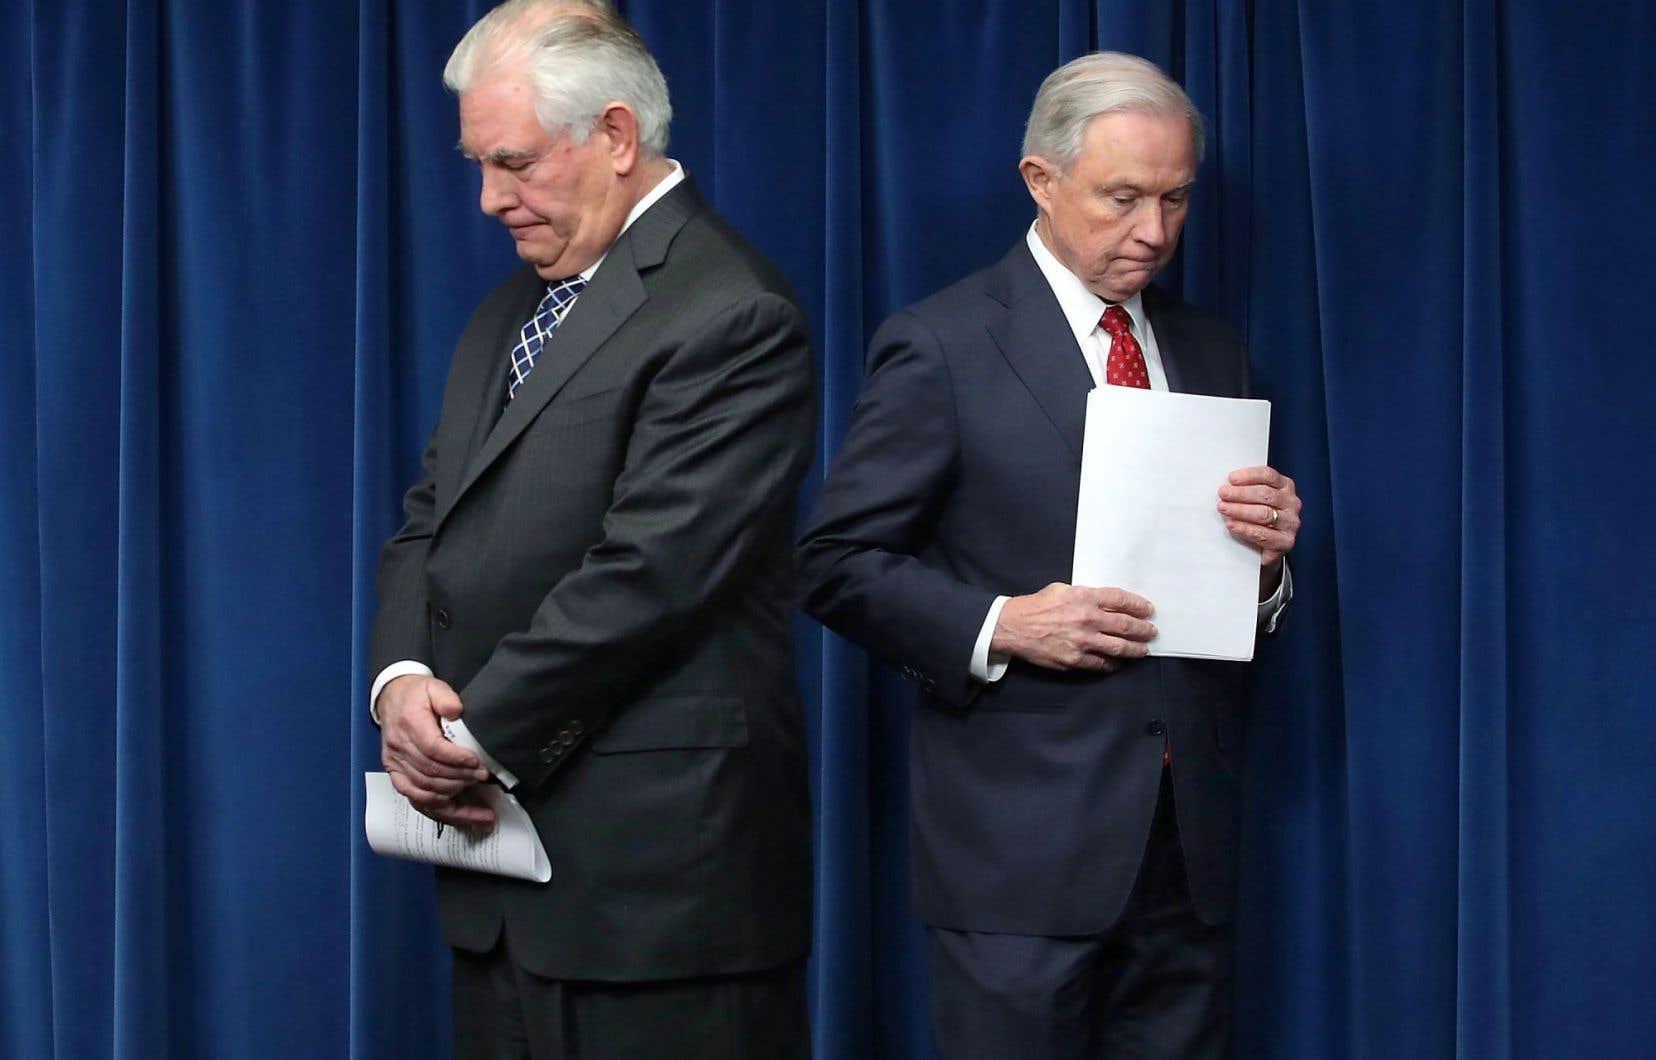 Le secrétaire d'État, Rex Tillerson (à gauche), et le procureur général, Jeff Sessions